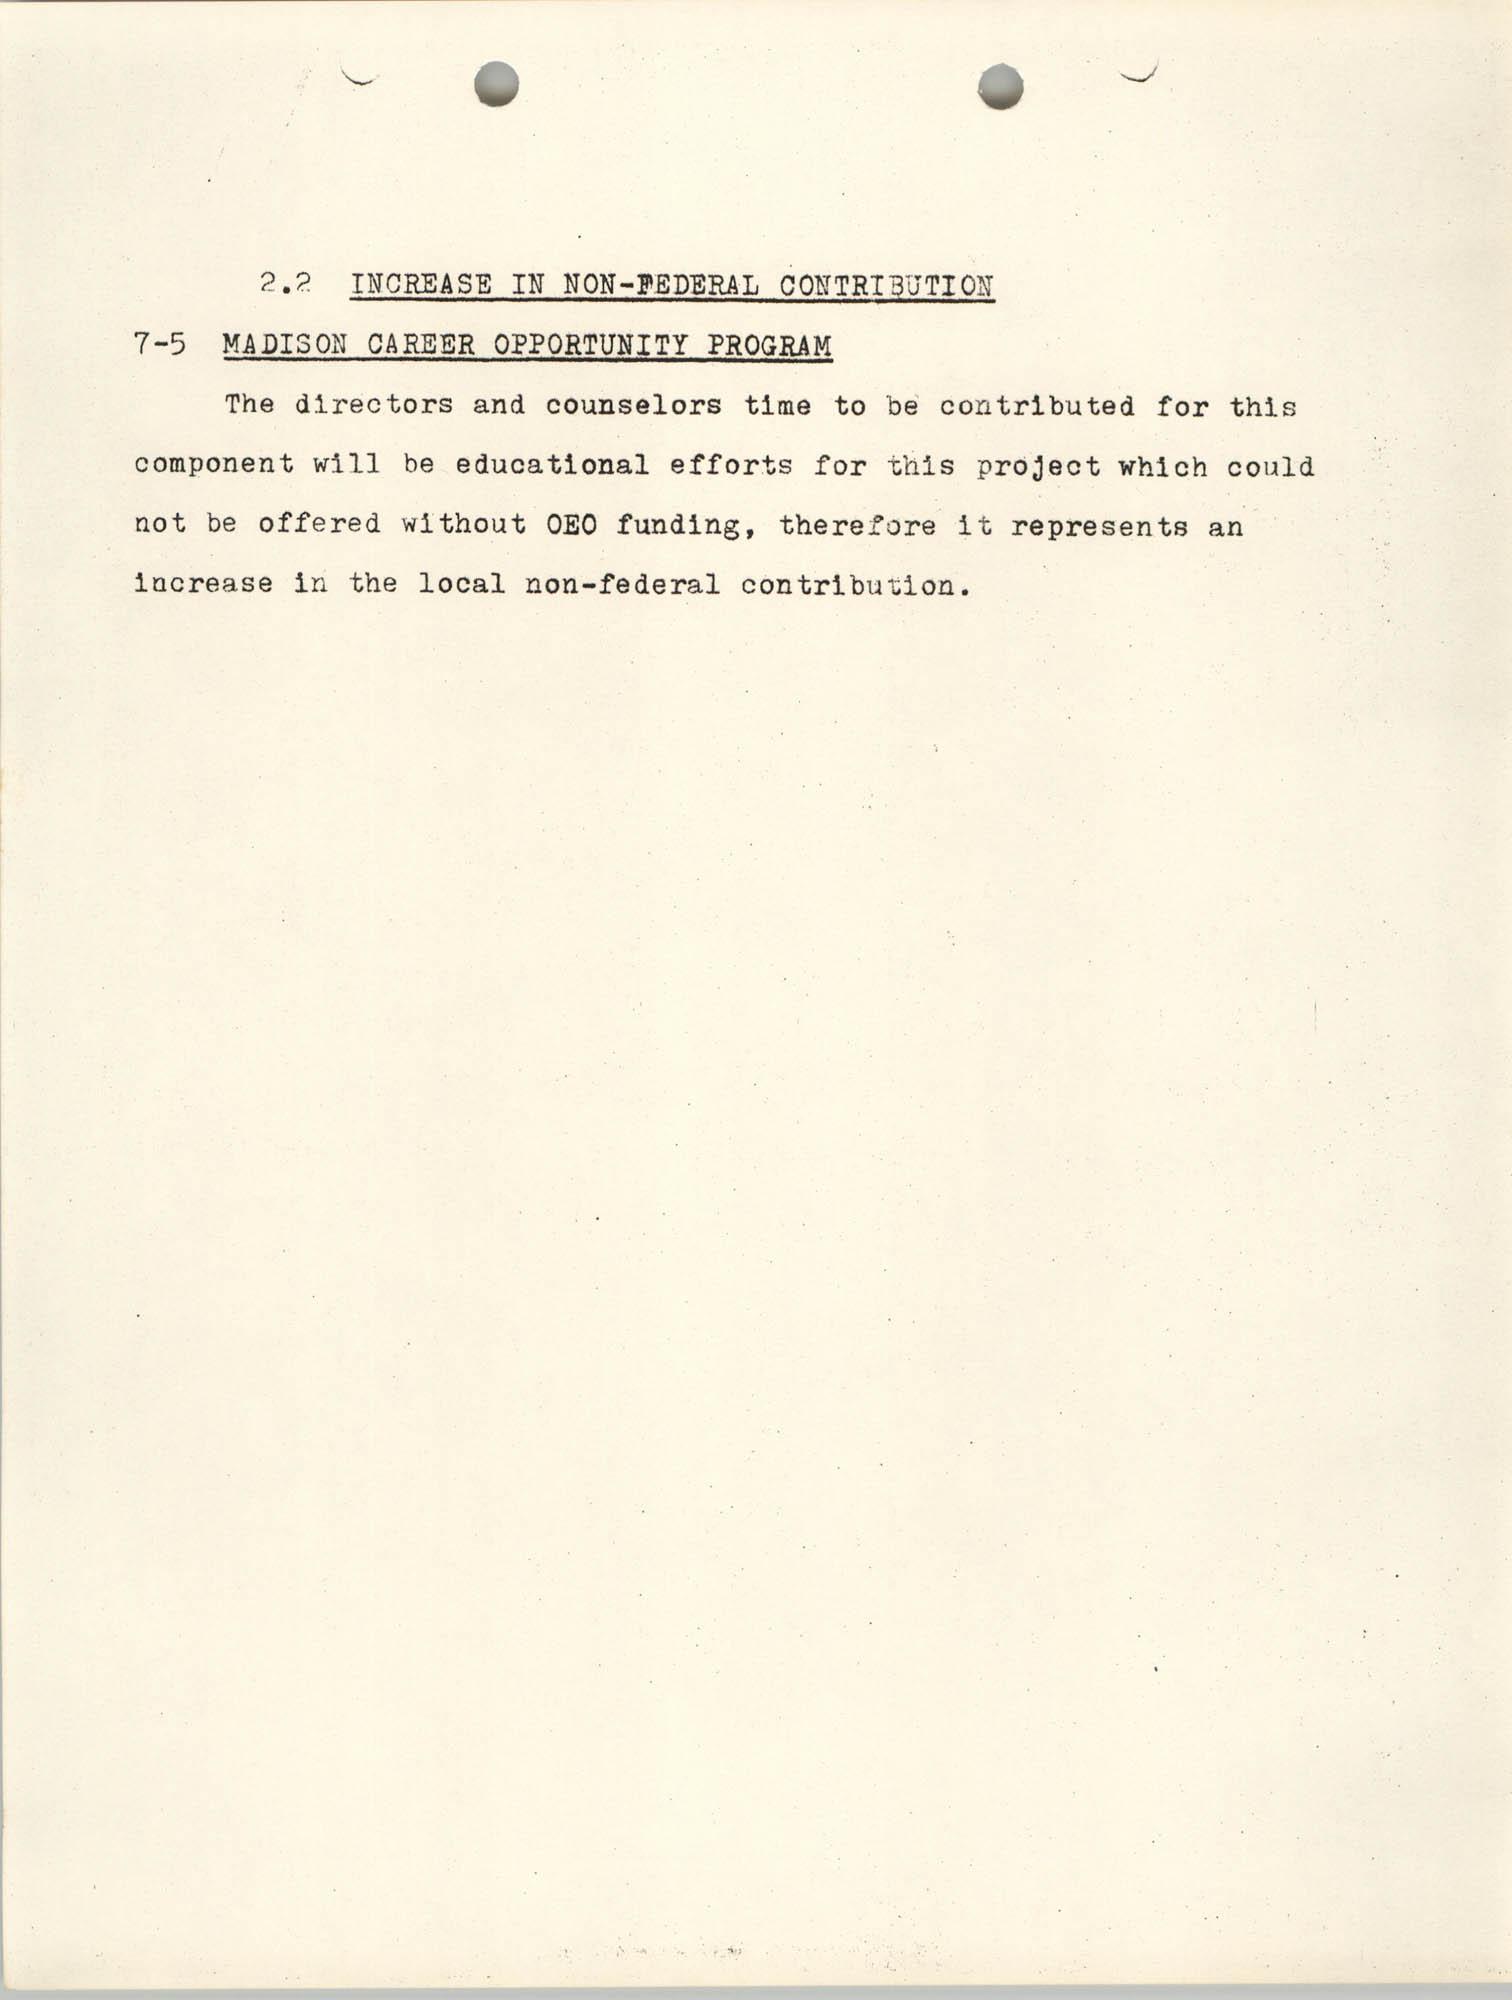 Increase in Non-Fedearl Contribution, June 27, 1966, Page 6